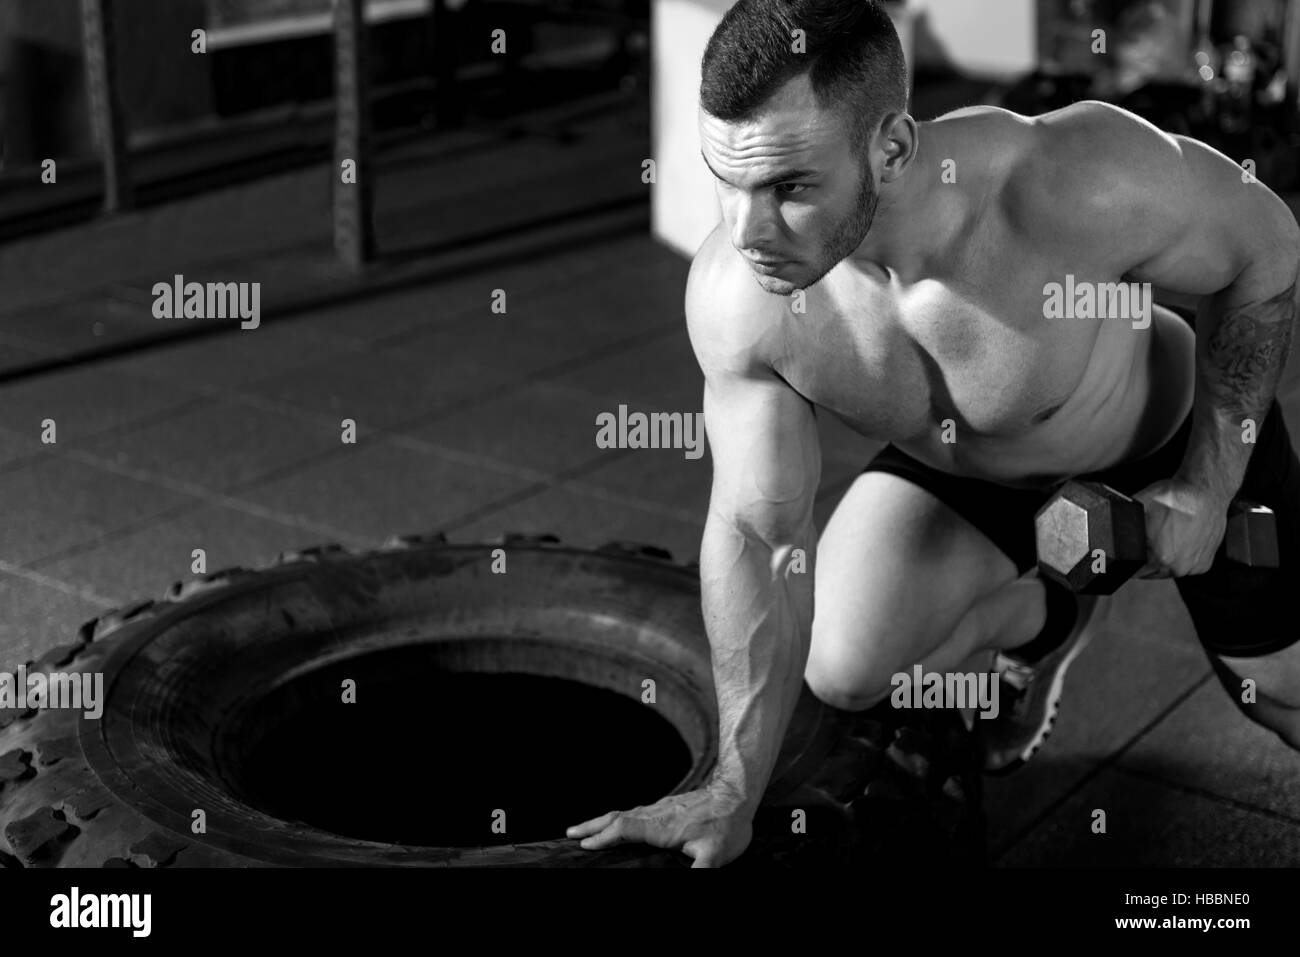 Atlético hombre con pesas entrenamiento muscular Imagen De Stock